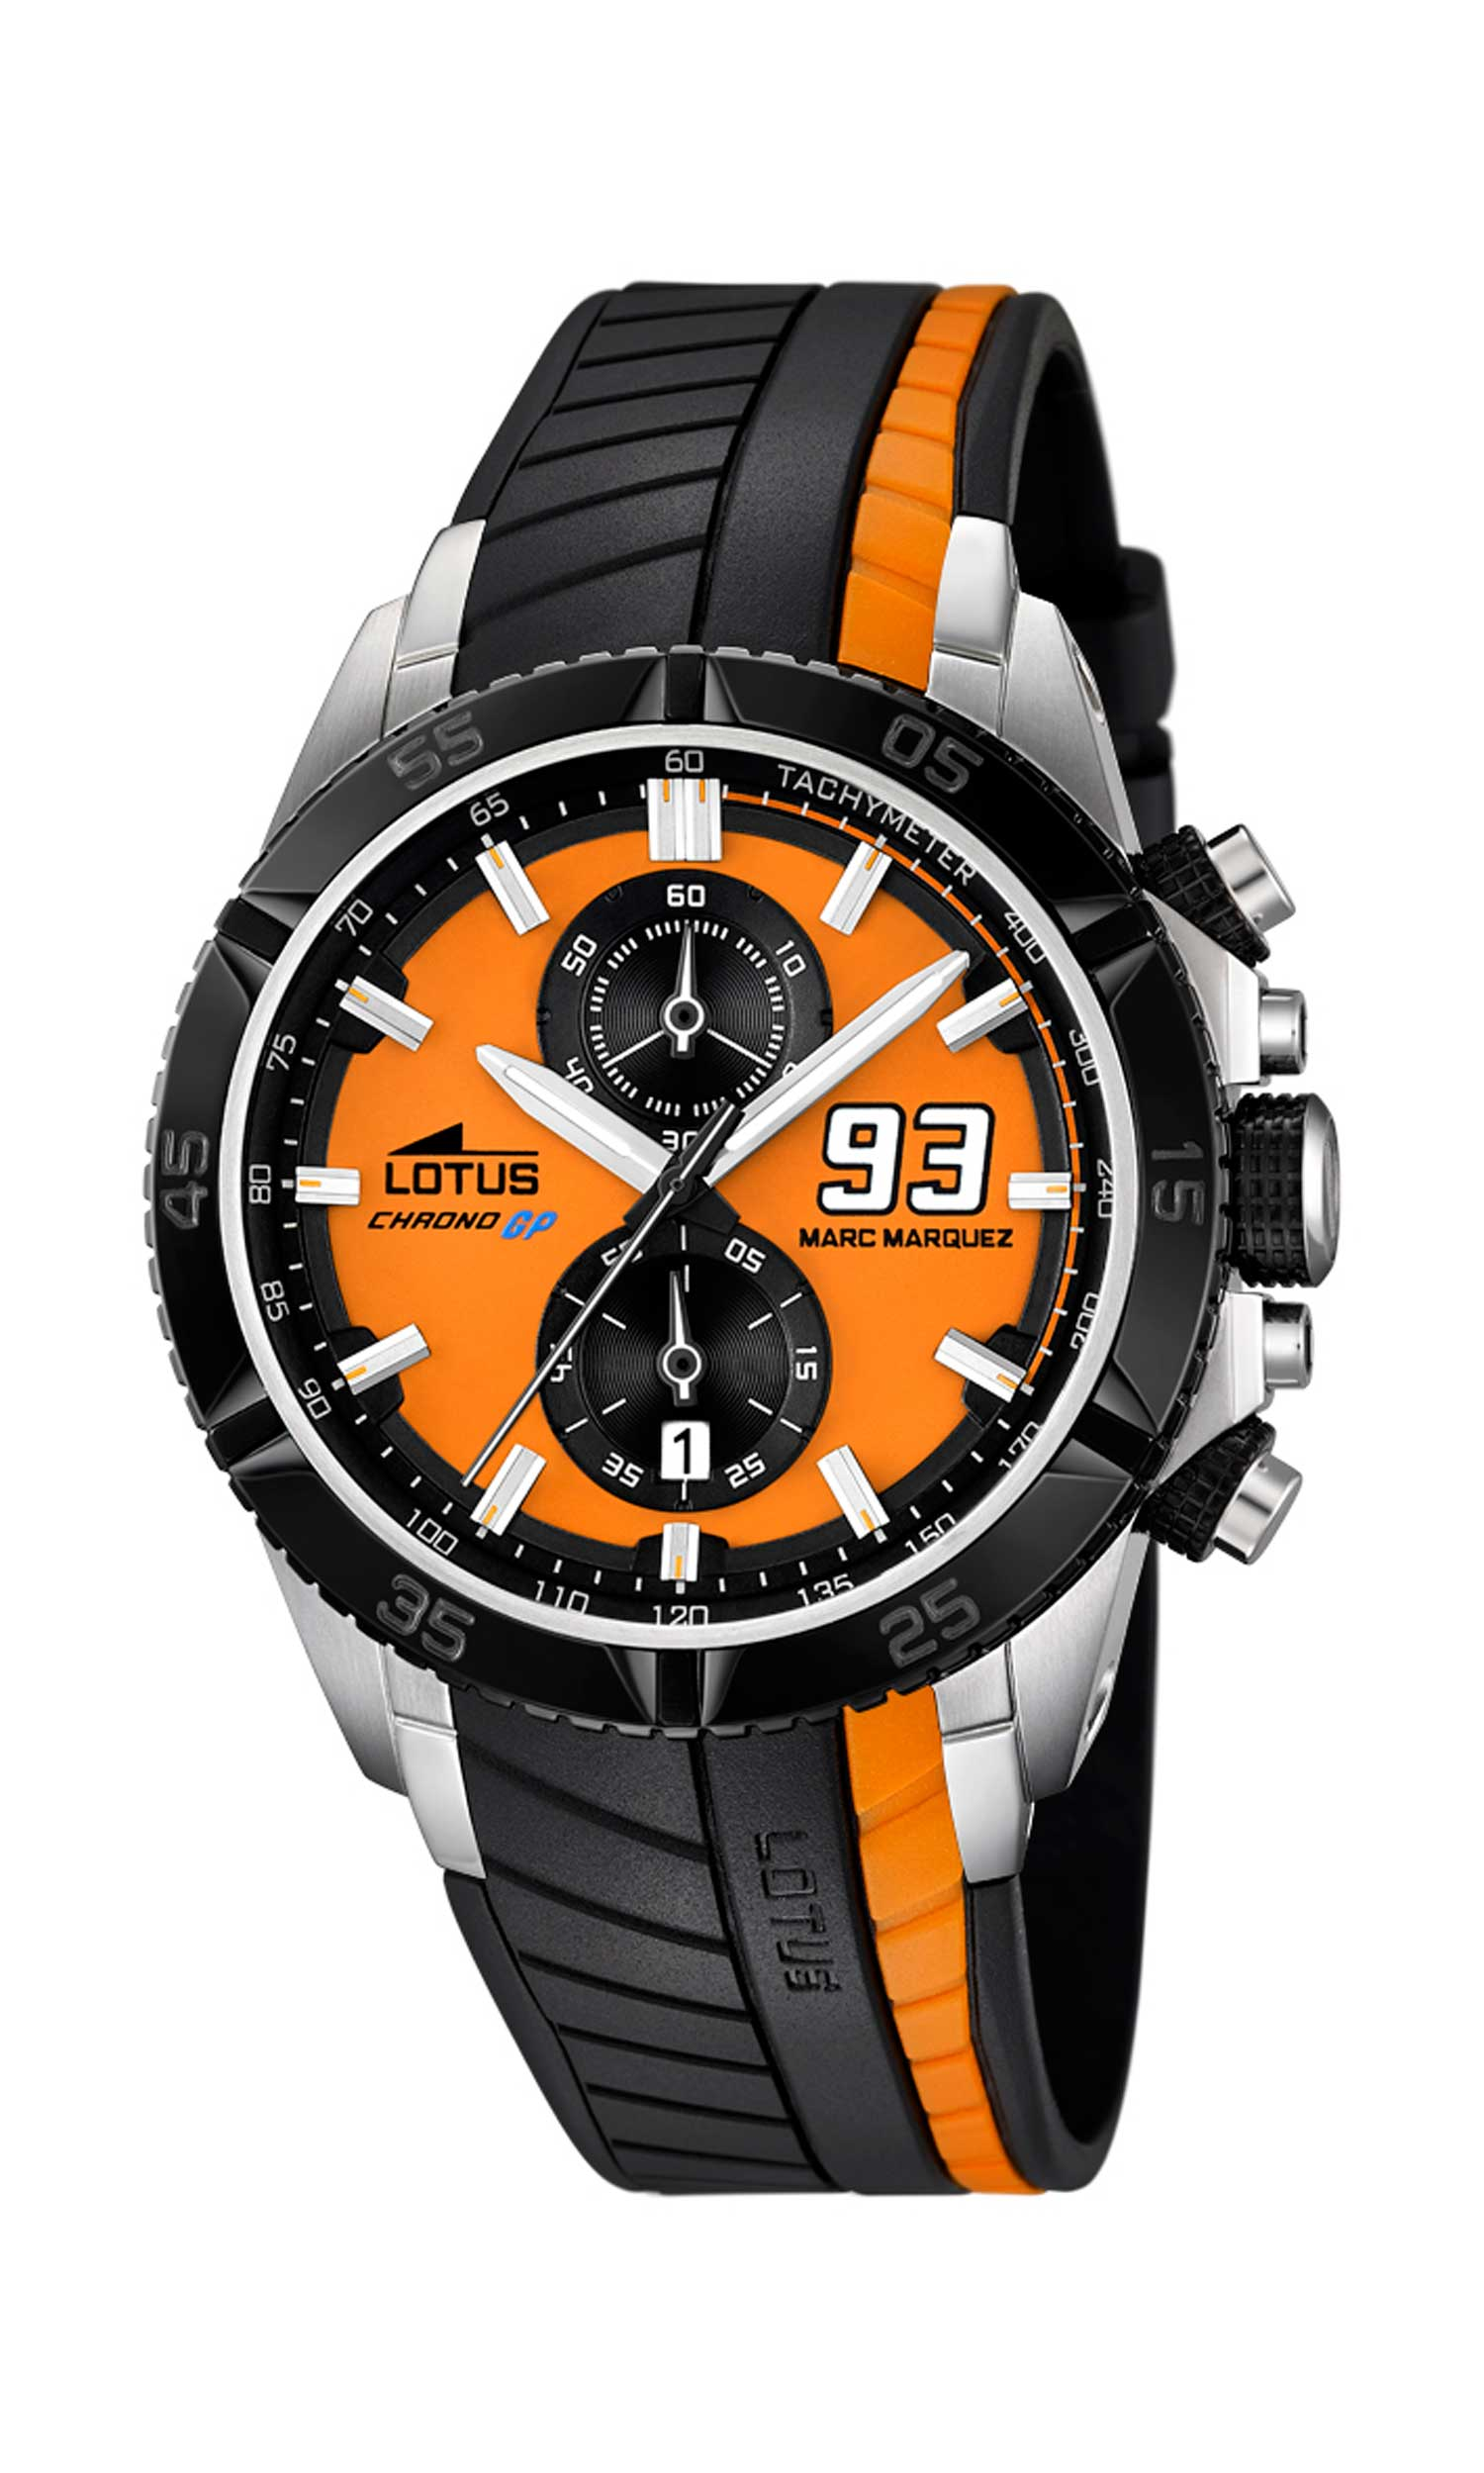 Marc-Marquez-£169-LOTUS-orange.black